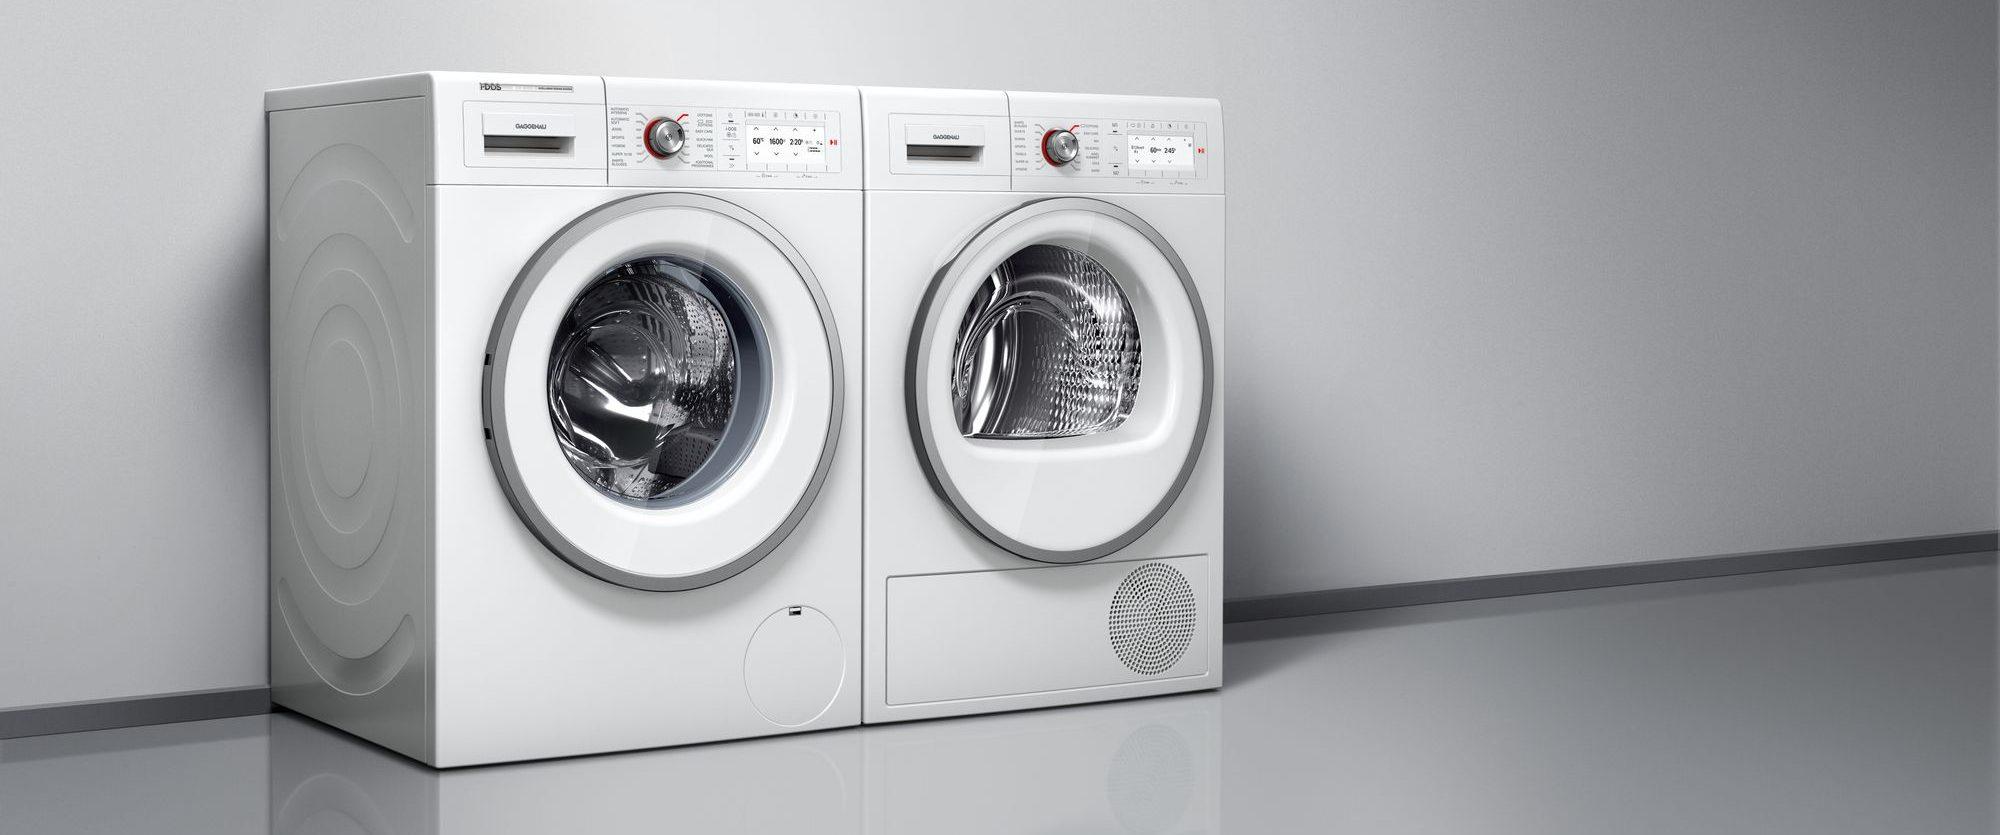 gaggenau Washing_machines